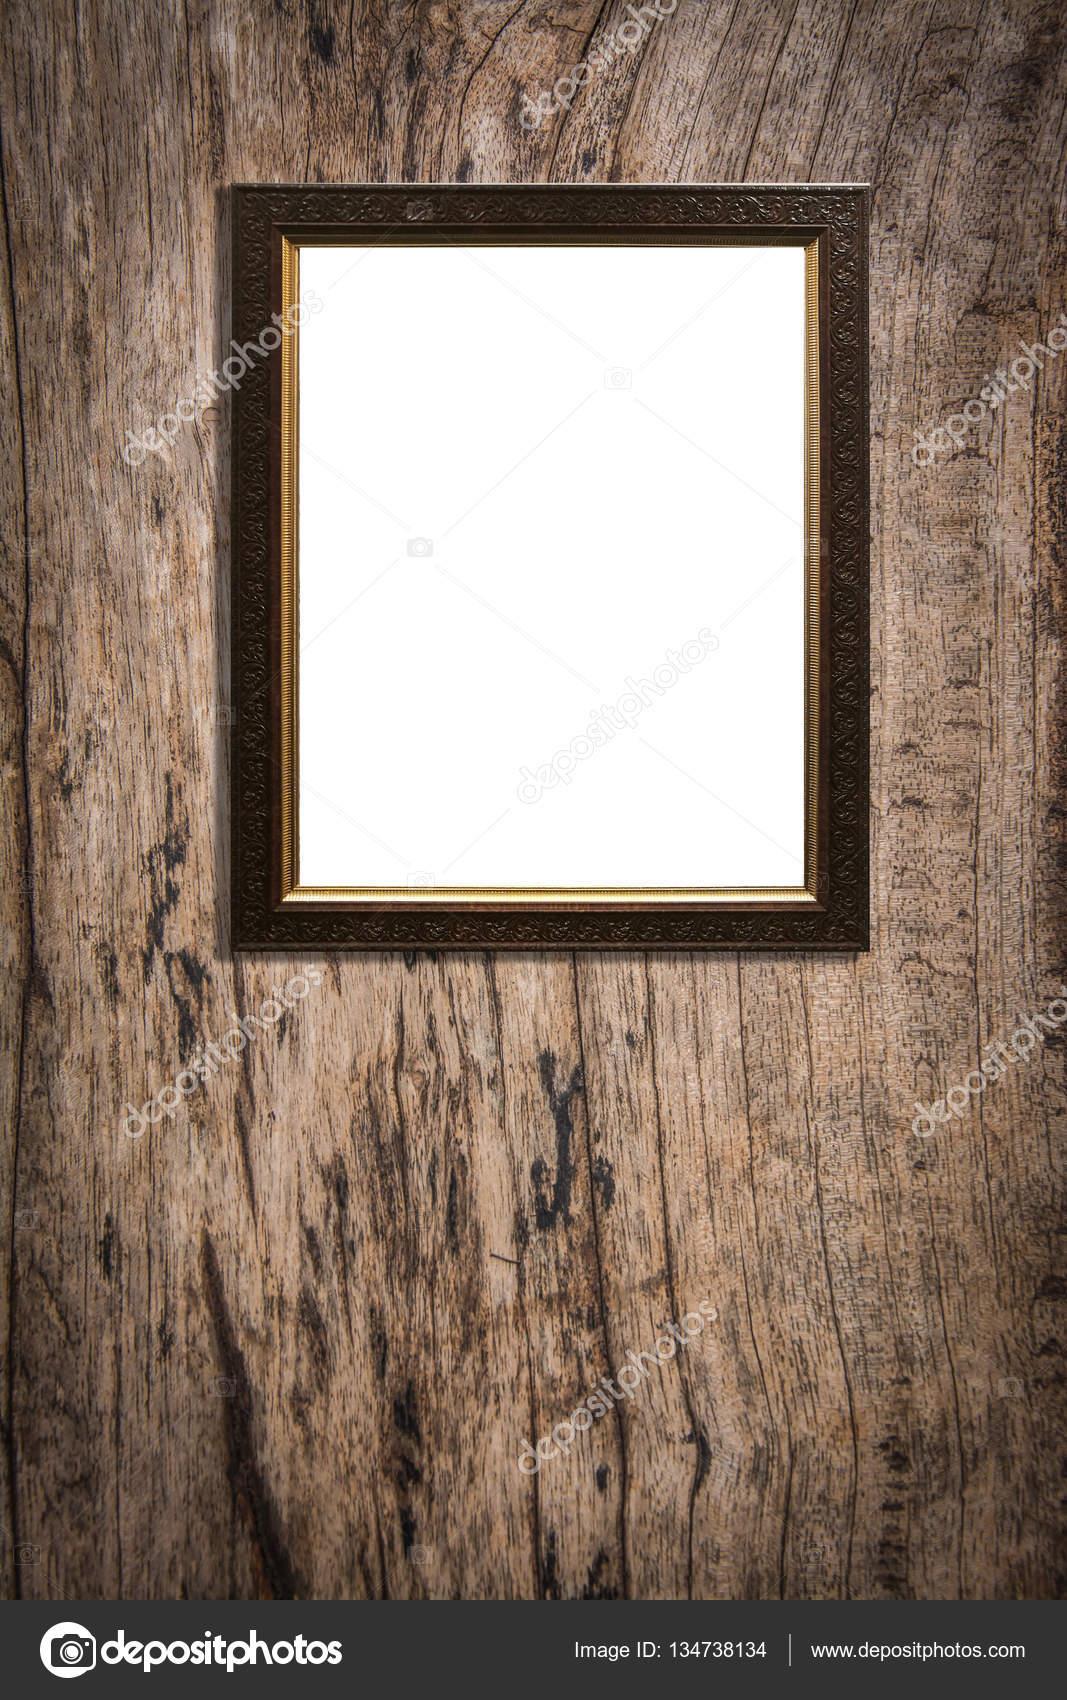 marco de madera sobre fondo de madera vieja — Foto de stock ...